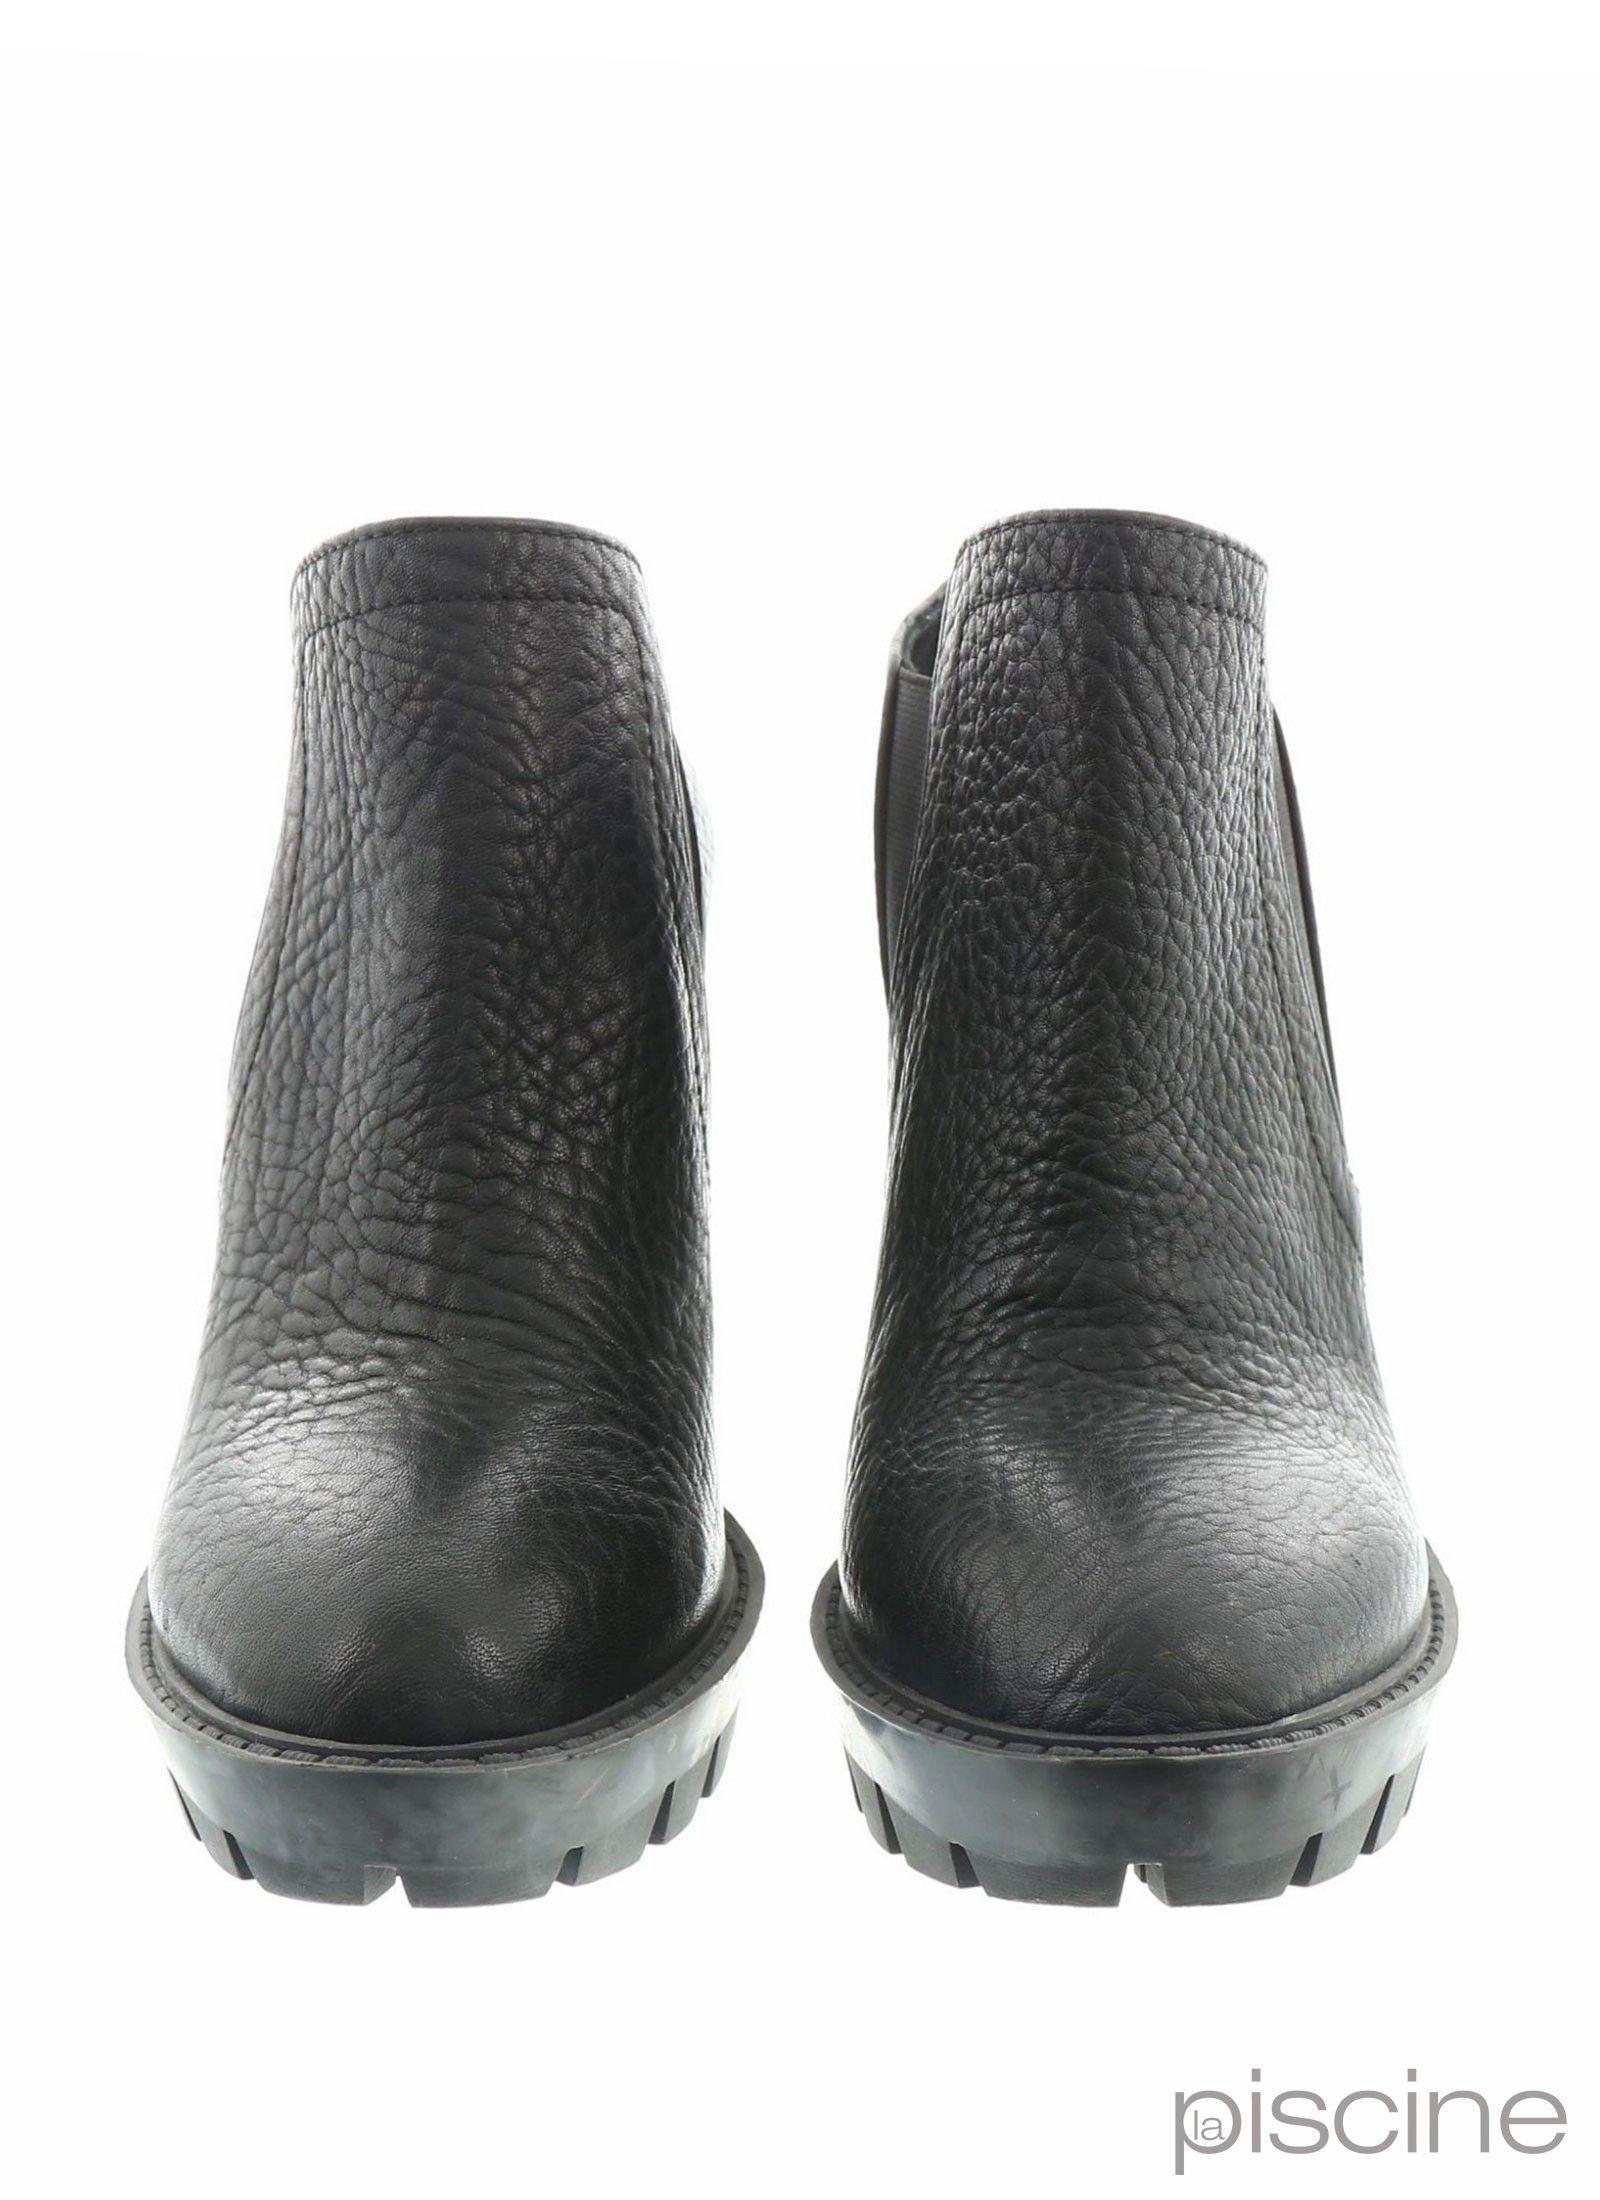 0972e211167cdf Boots à talons noir Pinko pas cher - Outlet La Piscine Paris